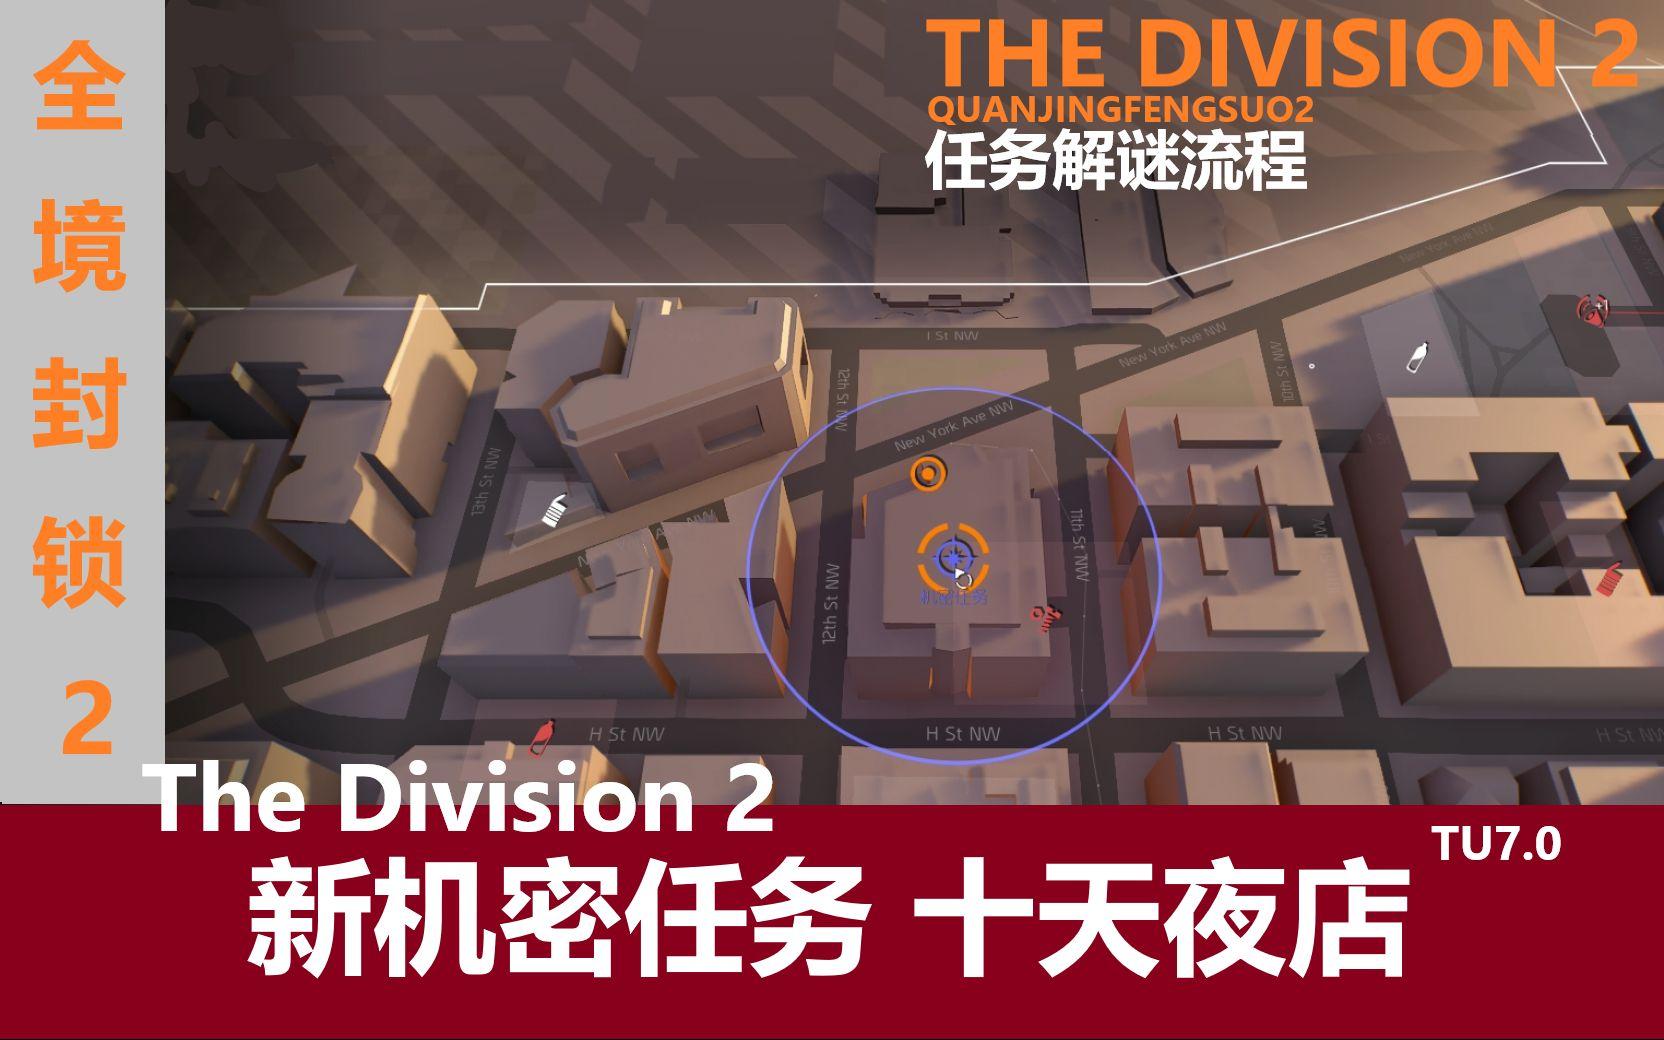 ディビジョン 2 tu7